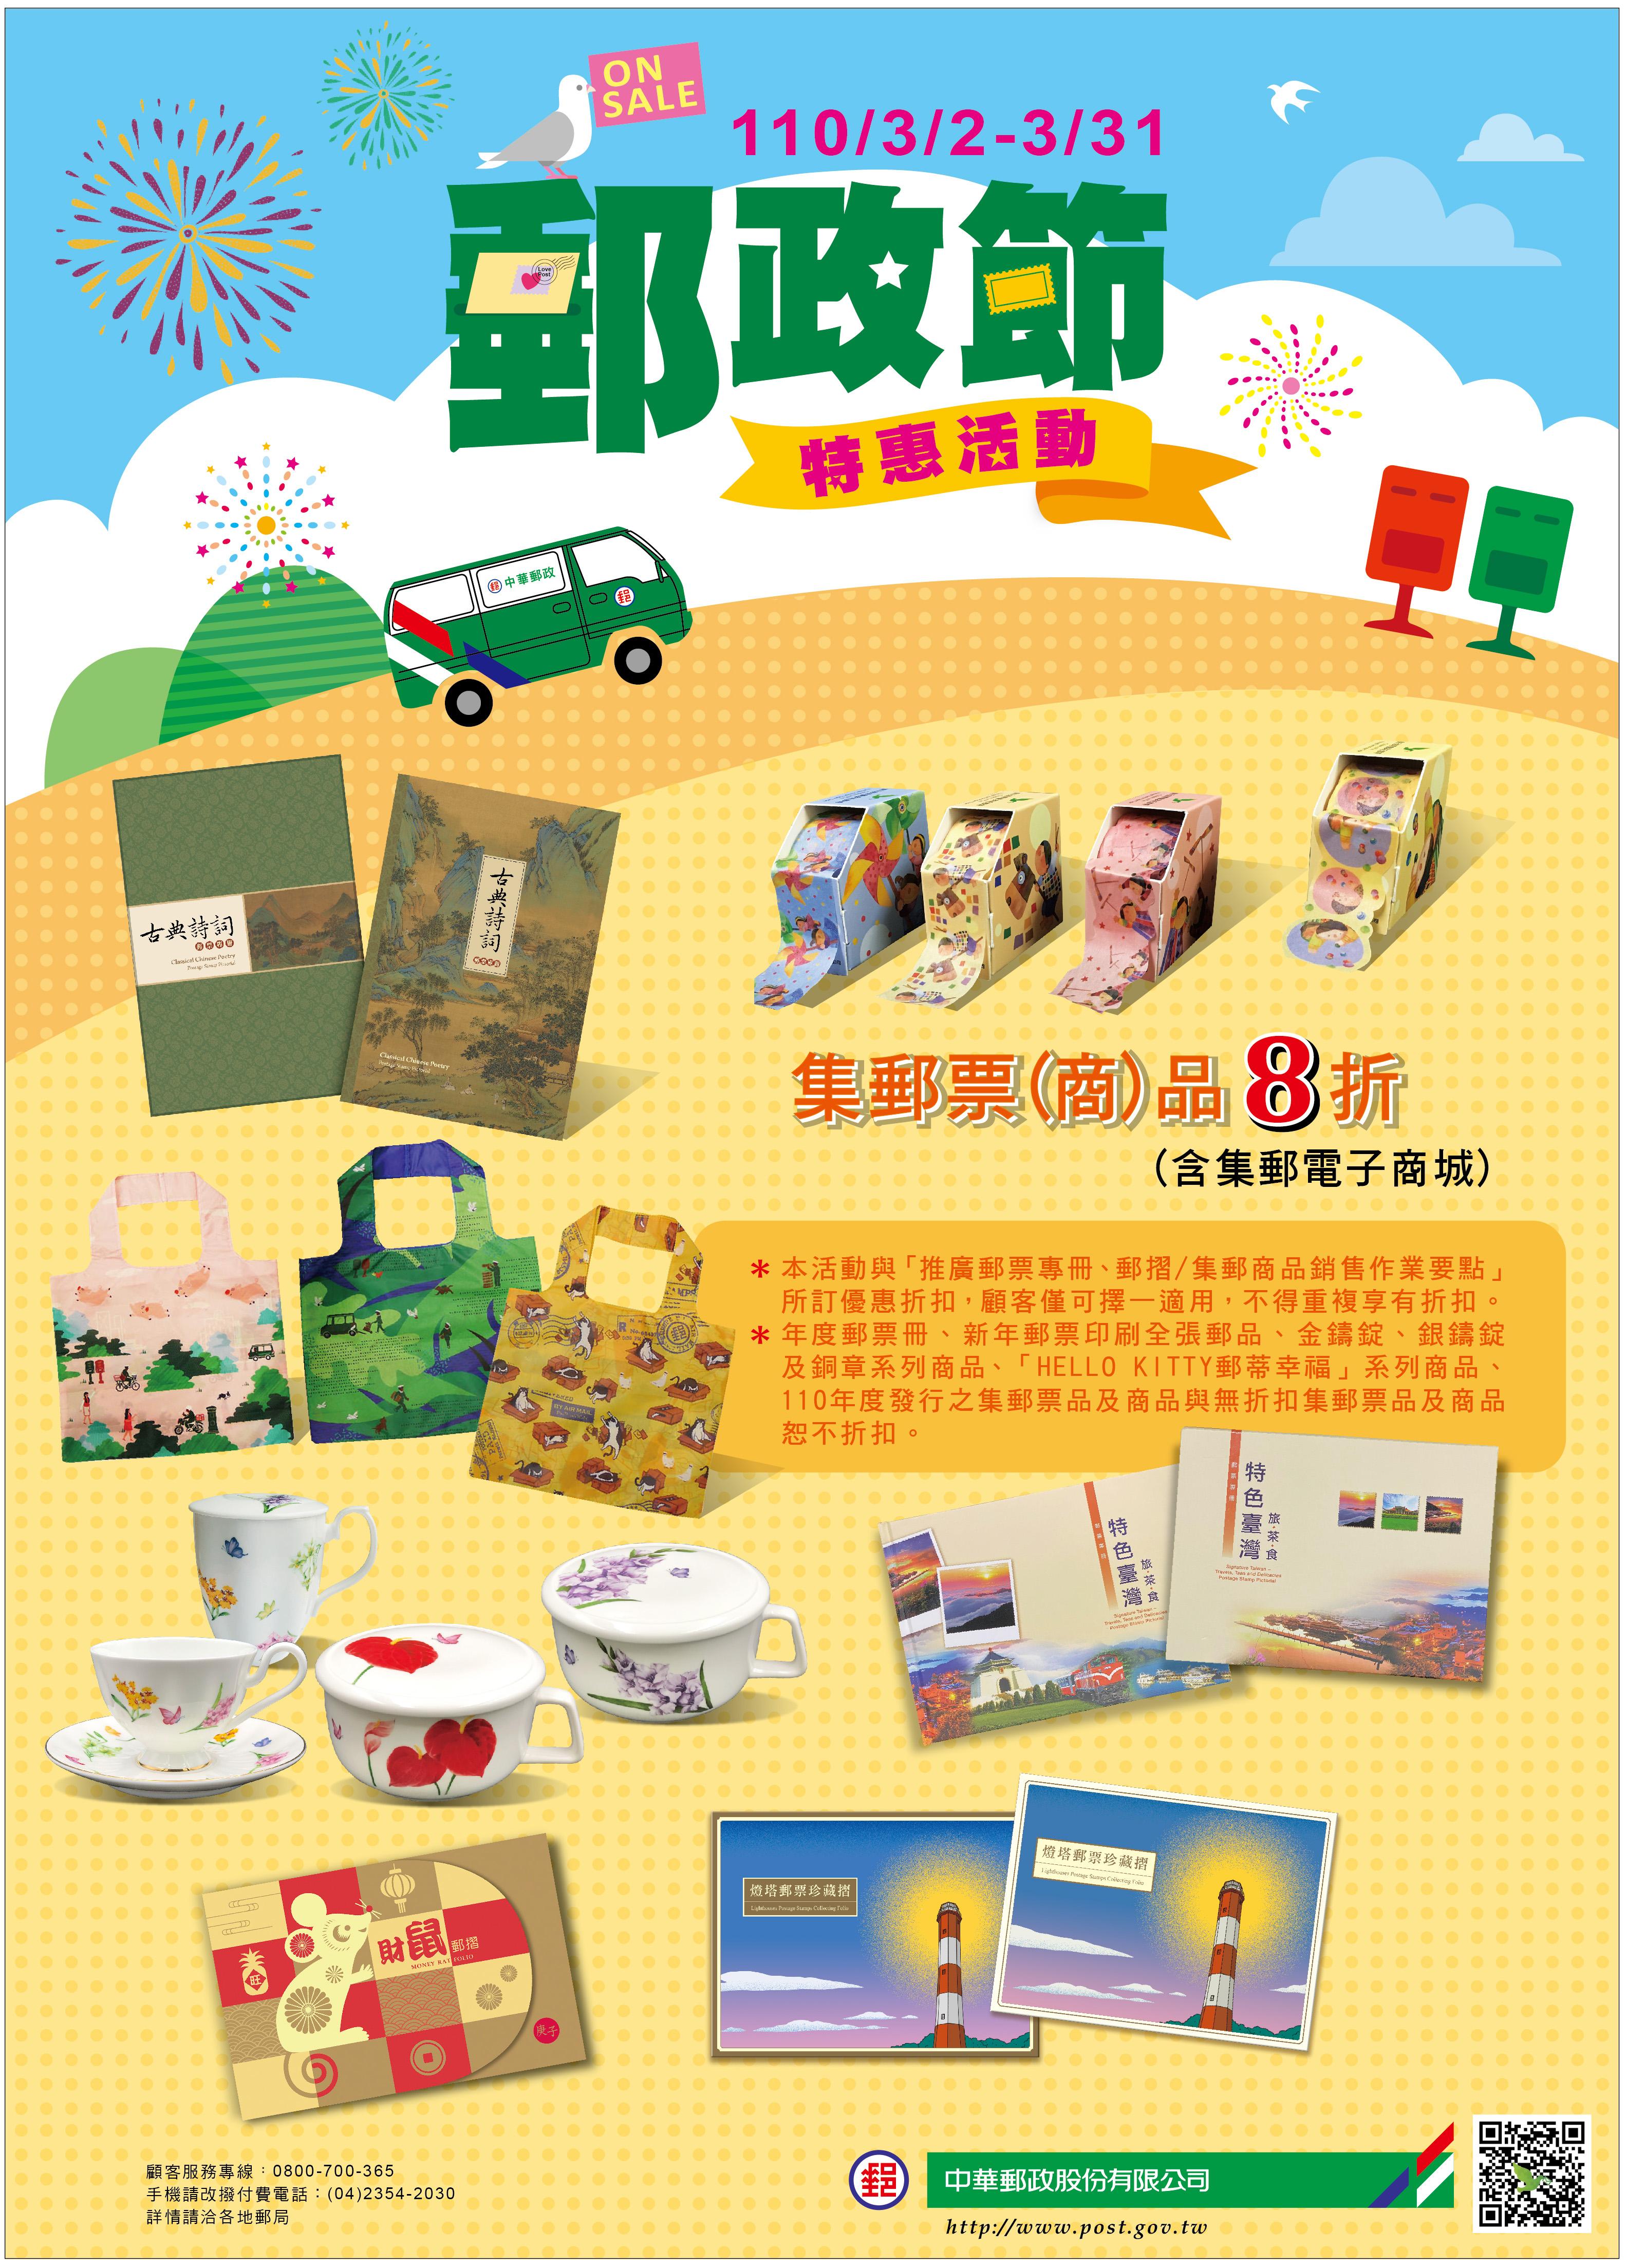 歡慶郵政節  推出集郵票(商)品優惠活動